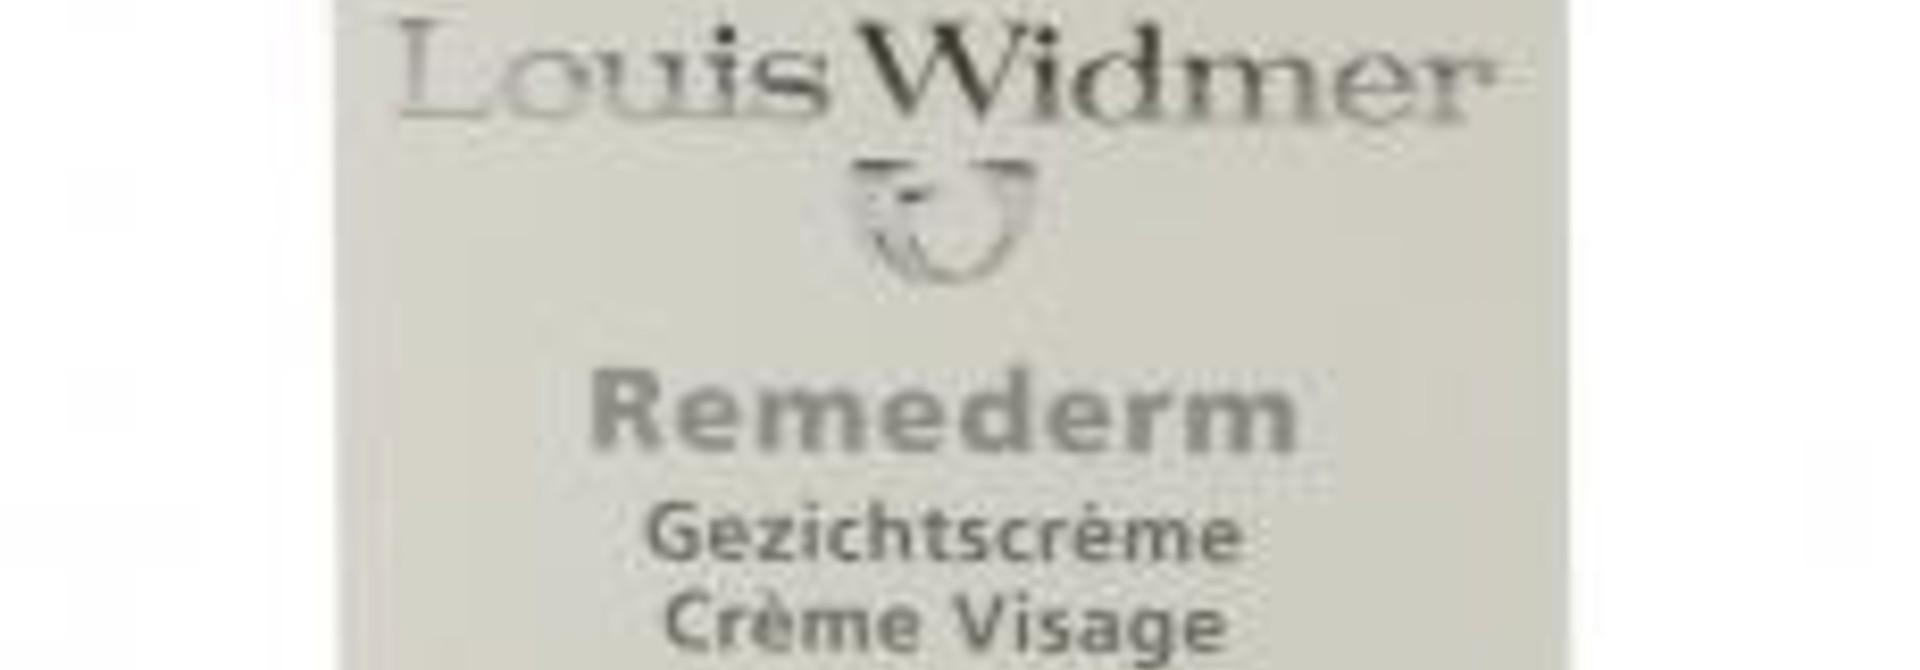 Remederm Gezichtscrème 50 ml licht geparfumeerd